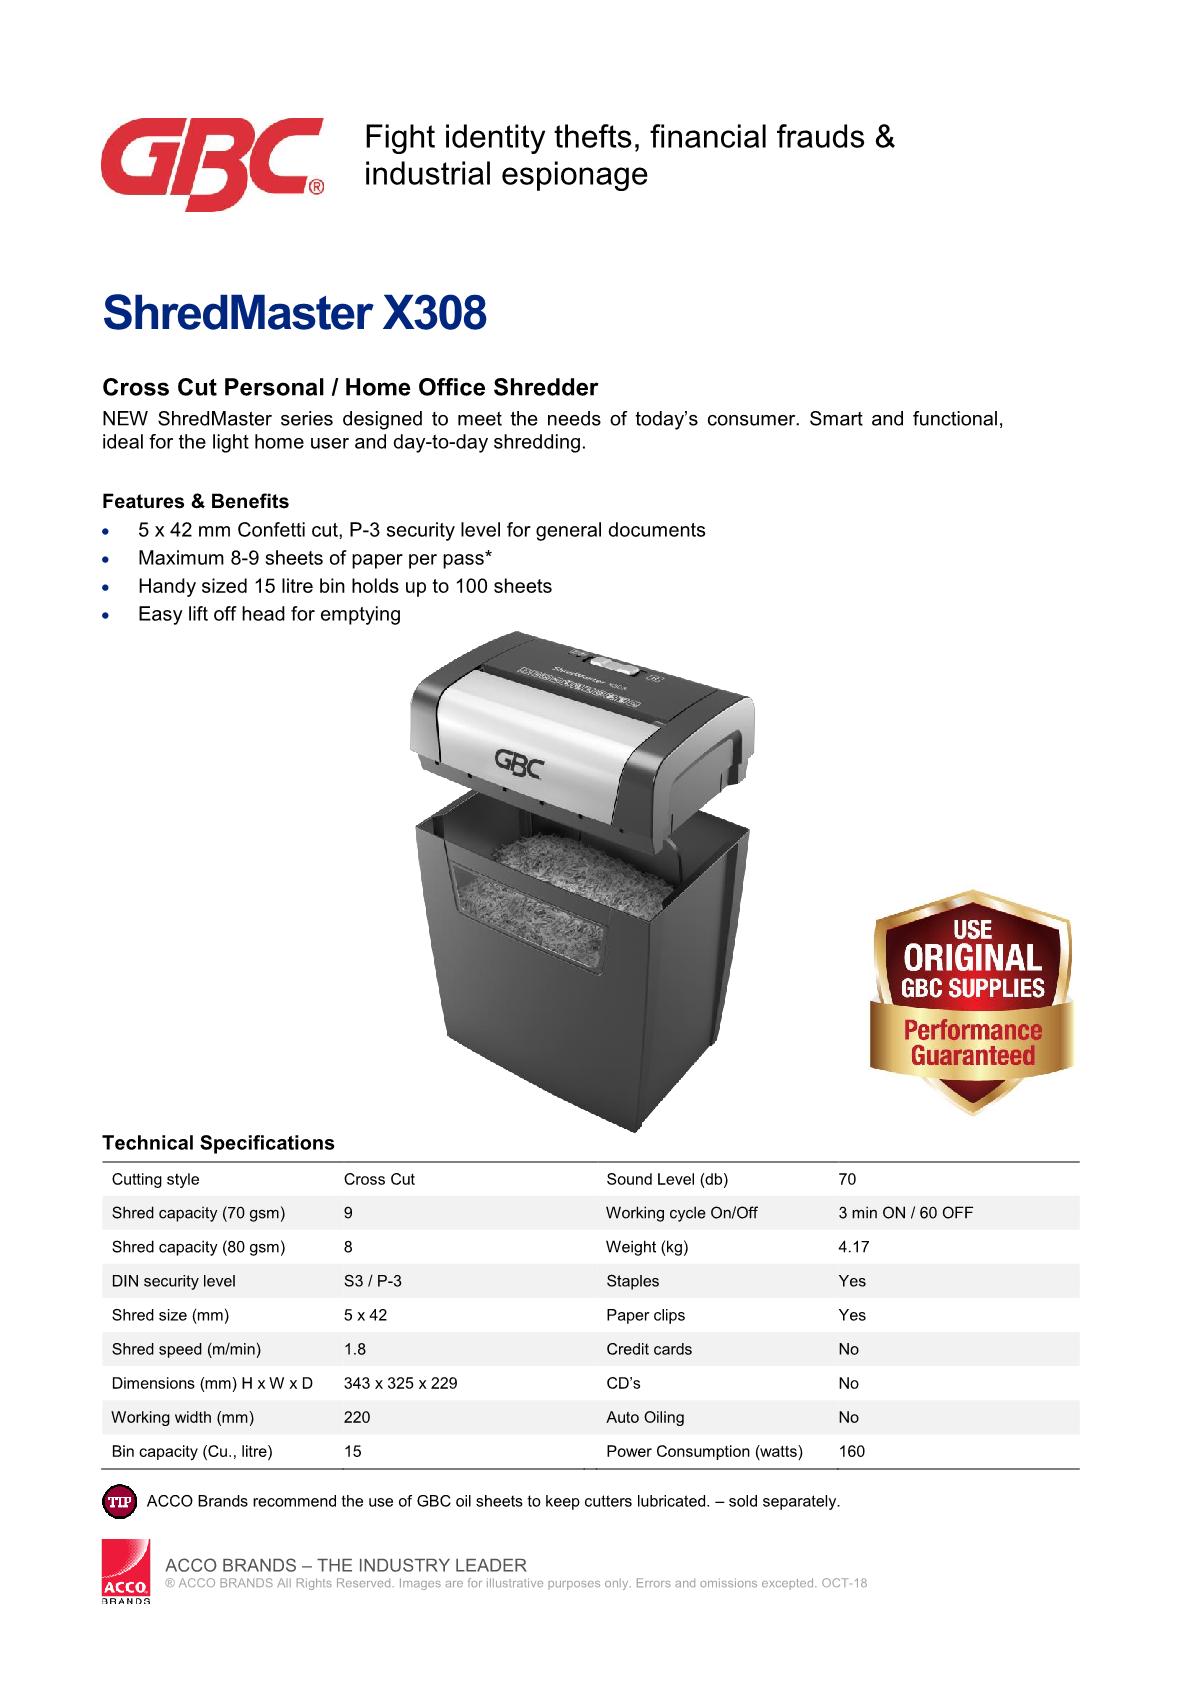 2018-datasheet-shredmaster-x308-r1.png